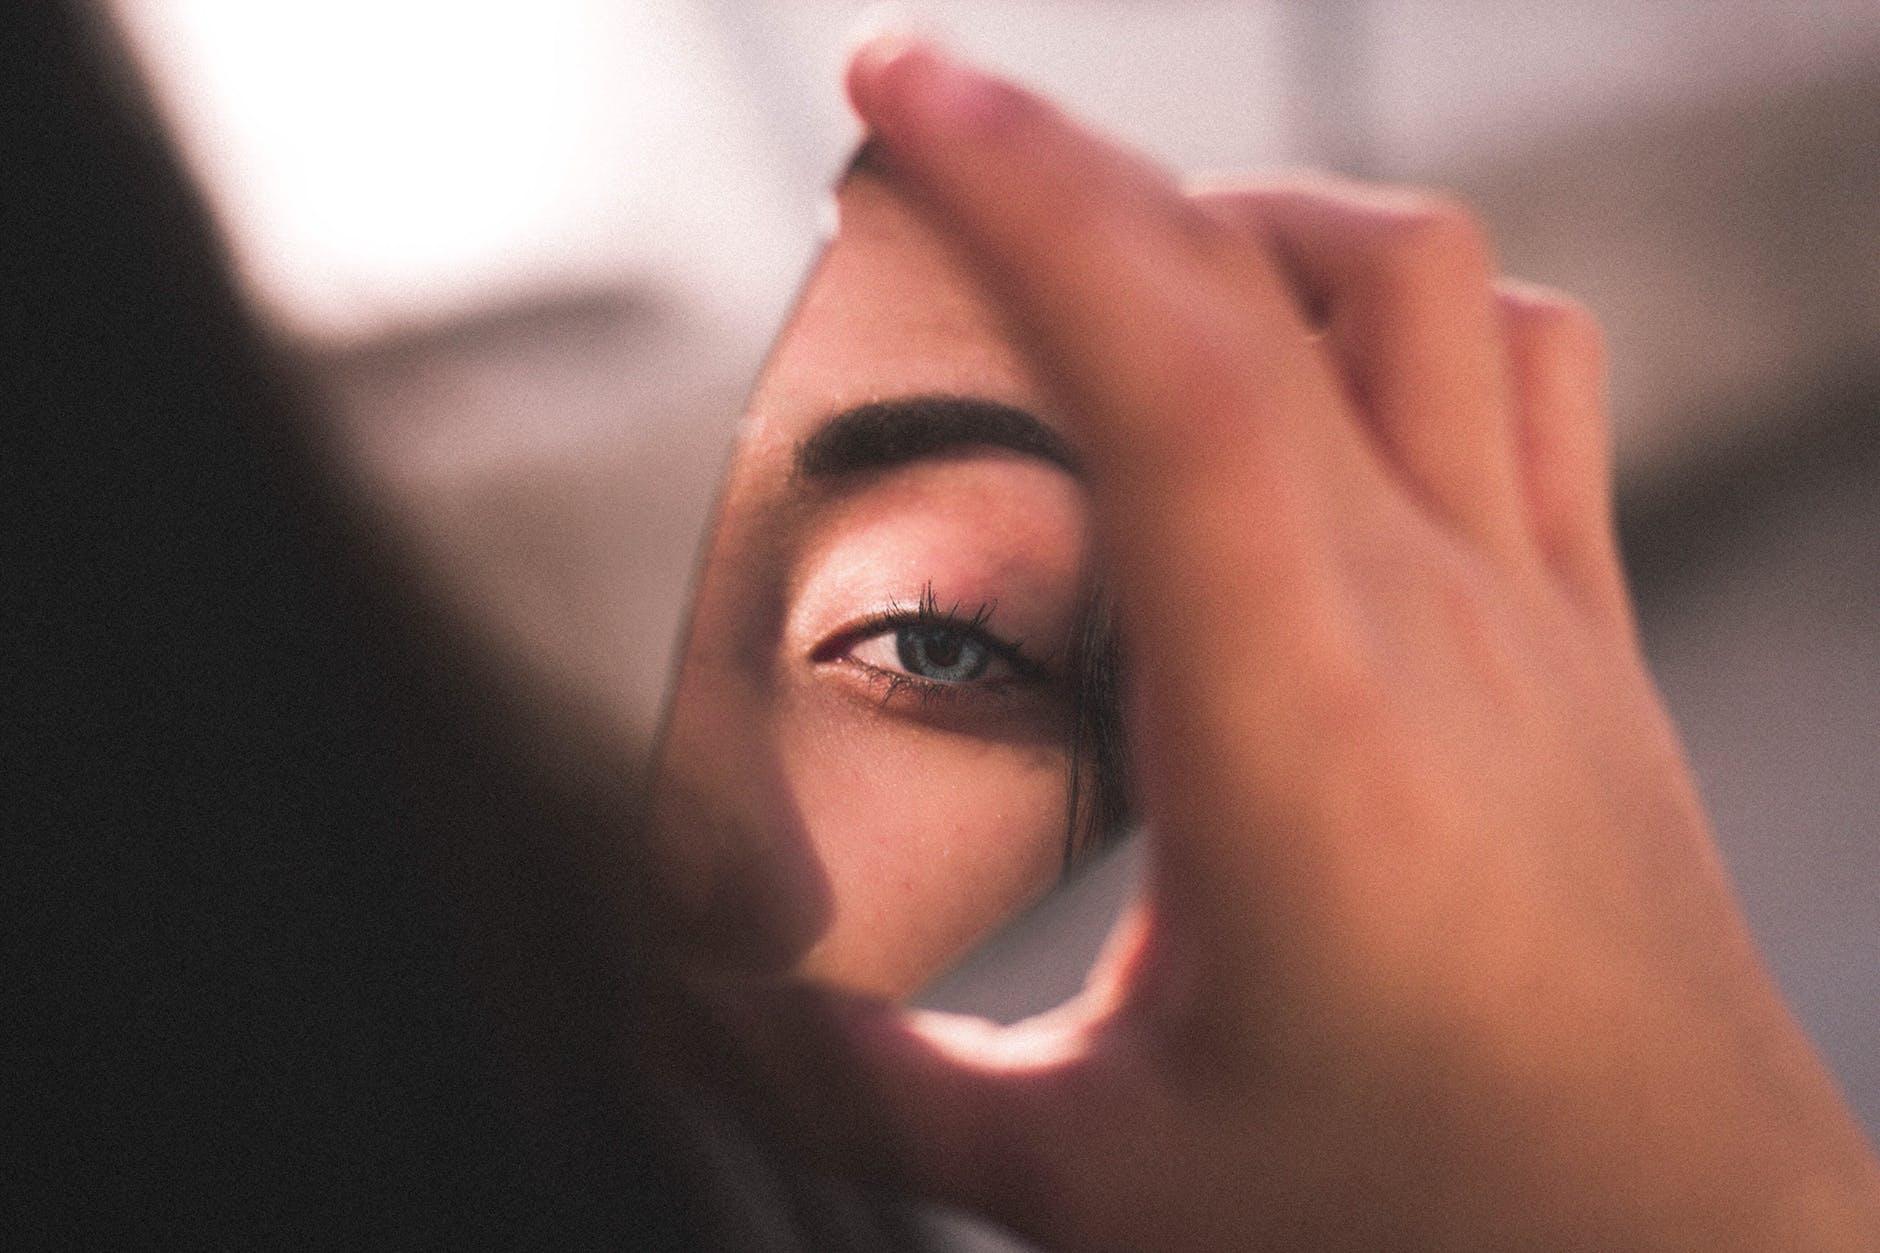 Što vidiš kad se pogledaš u oči?